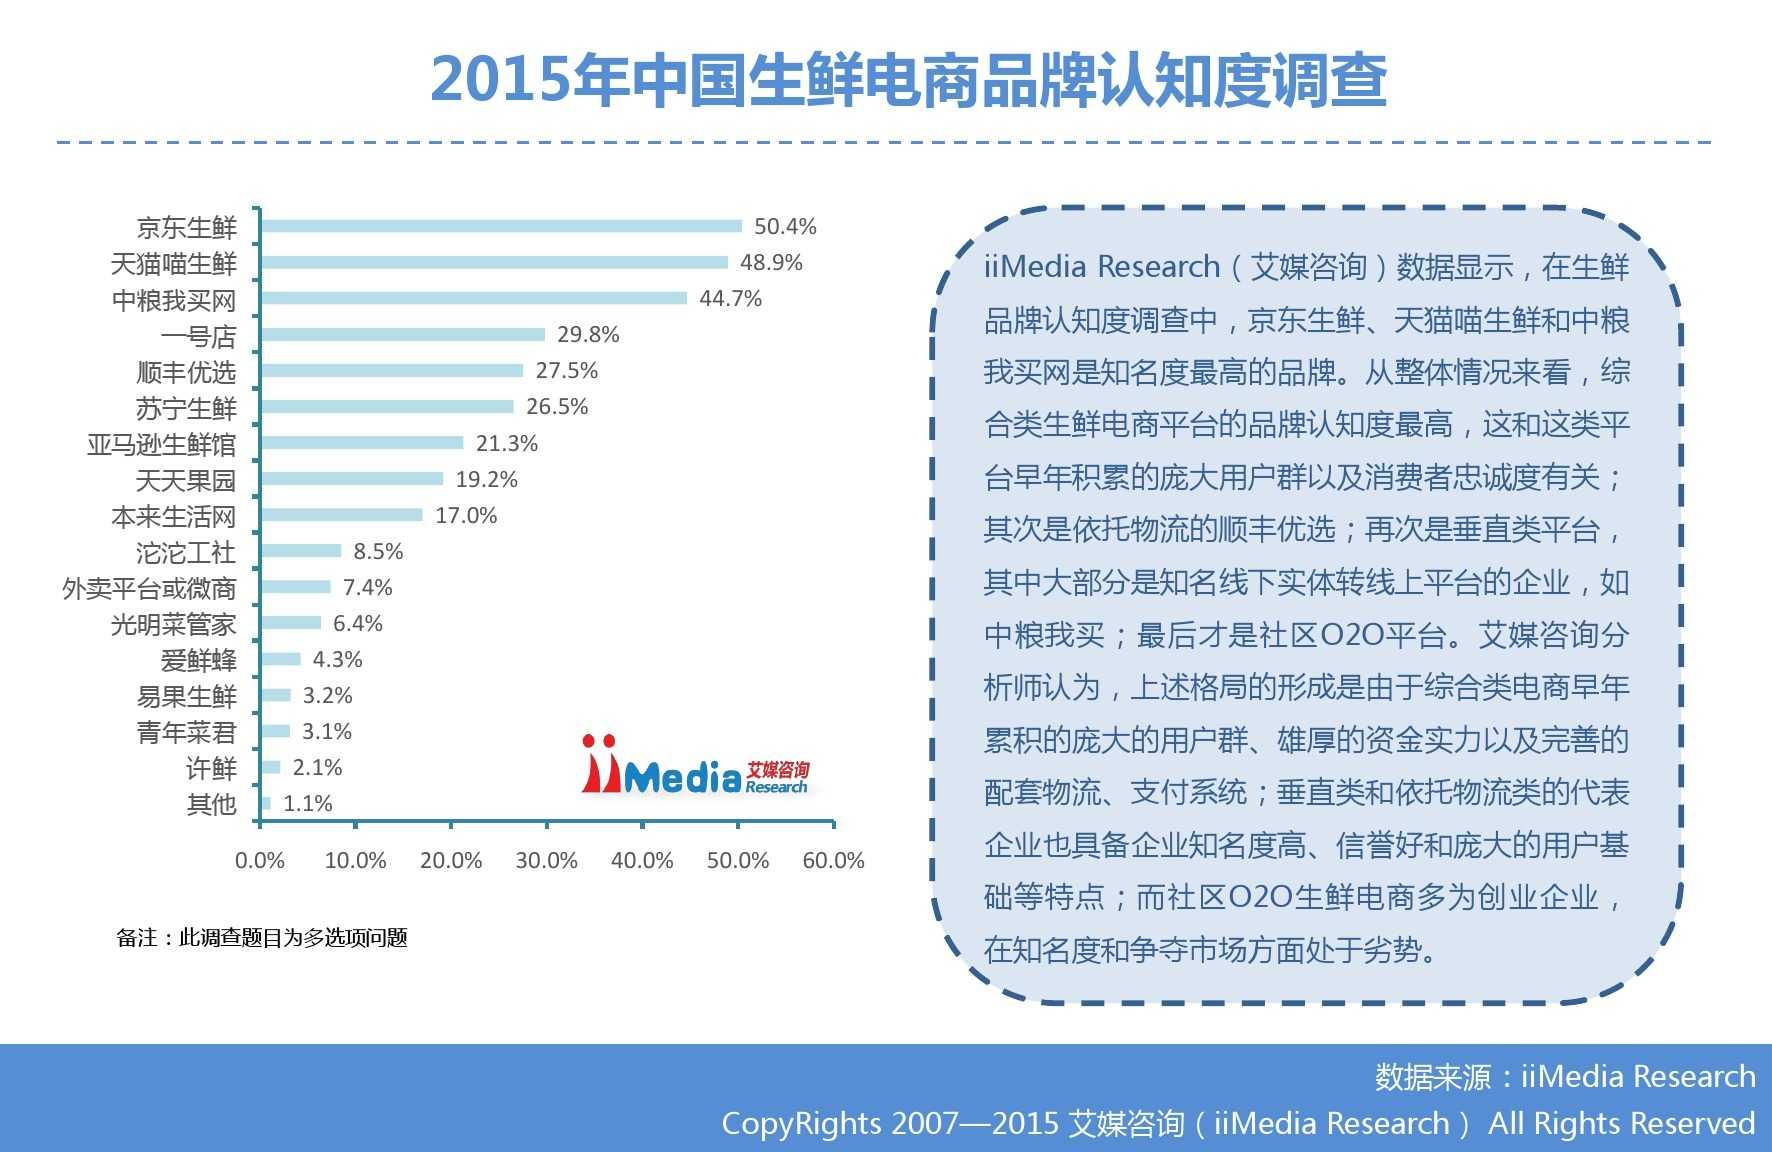 艾媒咨询:2015年中国生鲜电商市场研究报告_000028